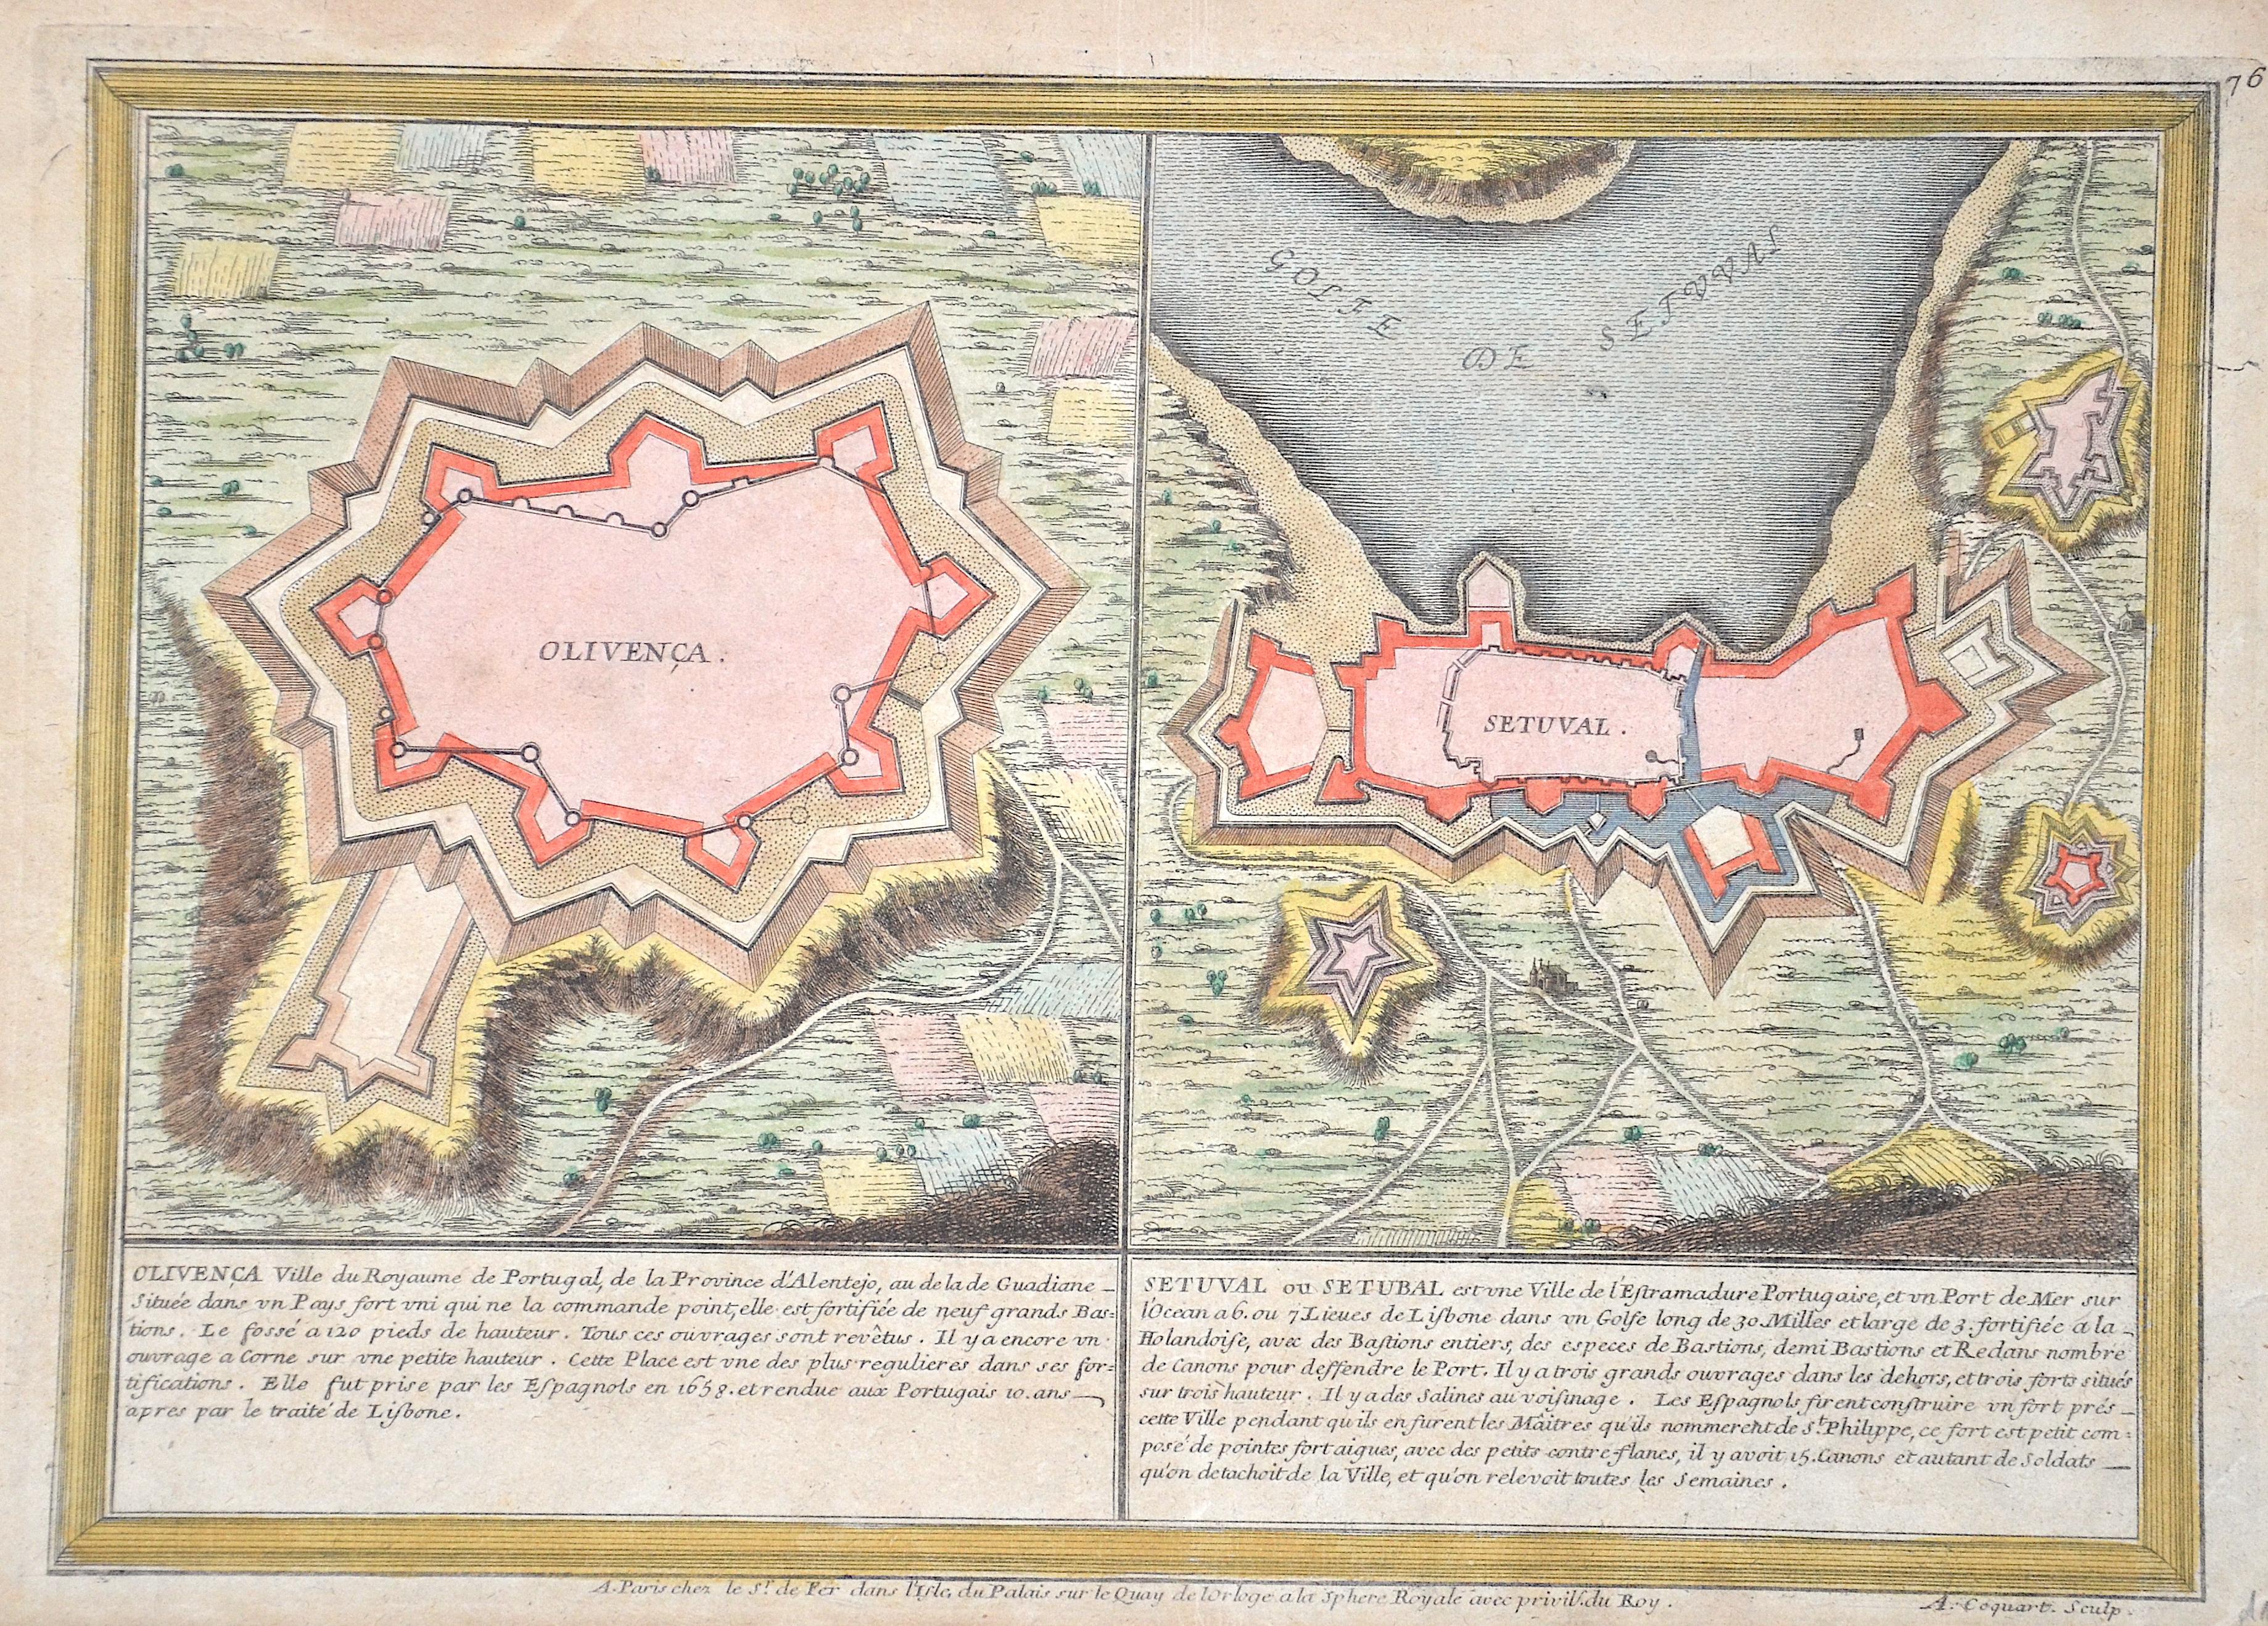 Fer, de Nicolas Olivenca Ville du Royaume de Portugal, de la Province d'Alentejo,../Setuval ou Setubal est une Ville de l'Estramadure Portugaise, et un Port de Mer.